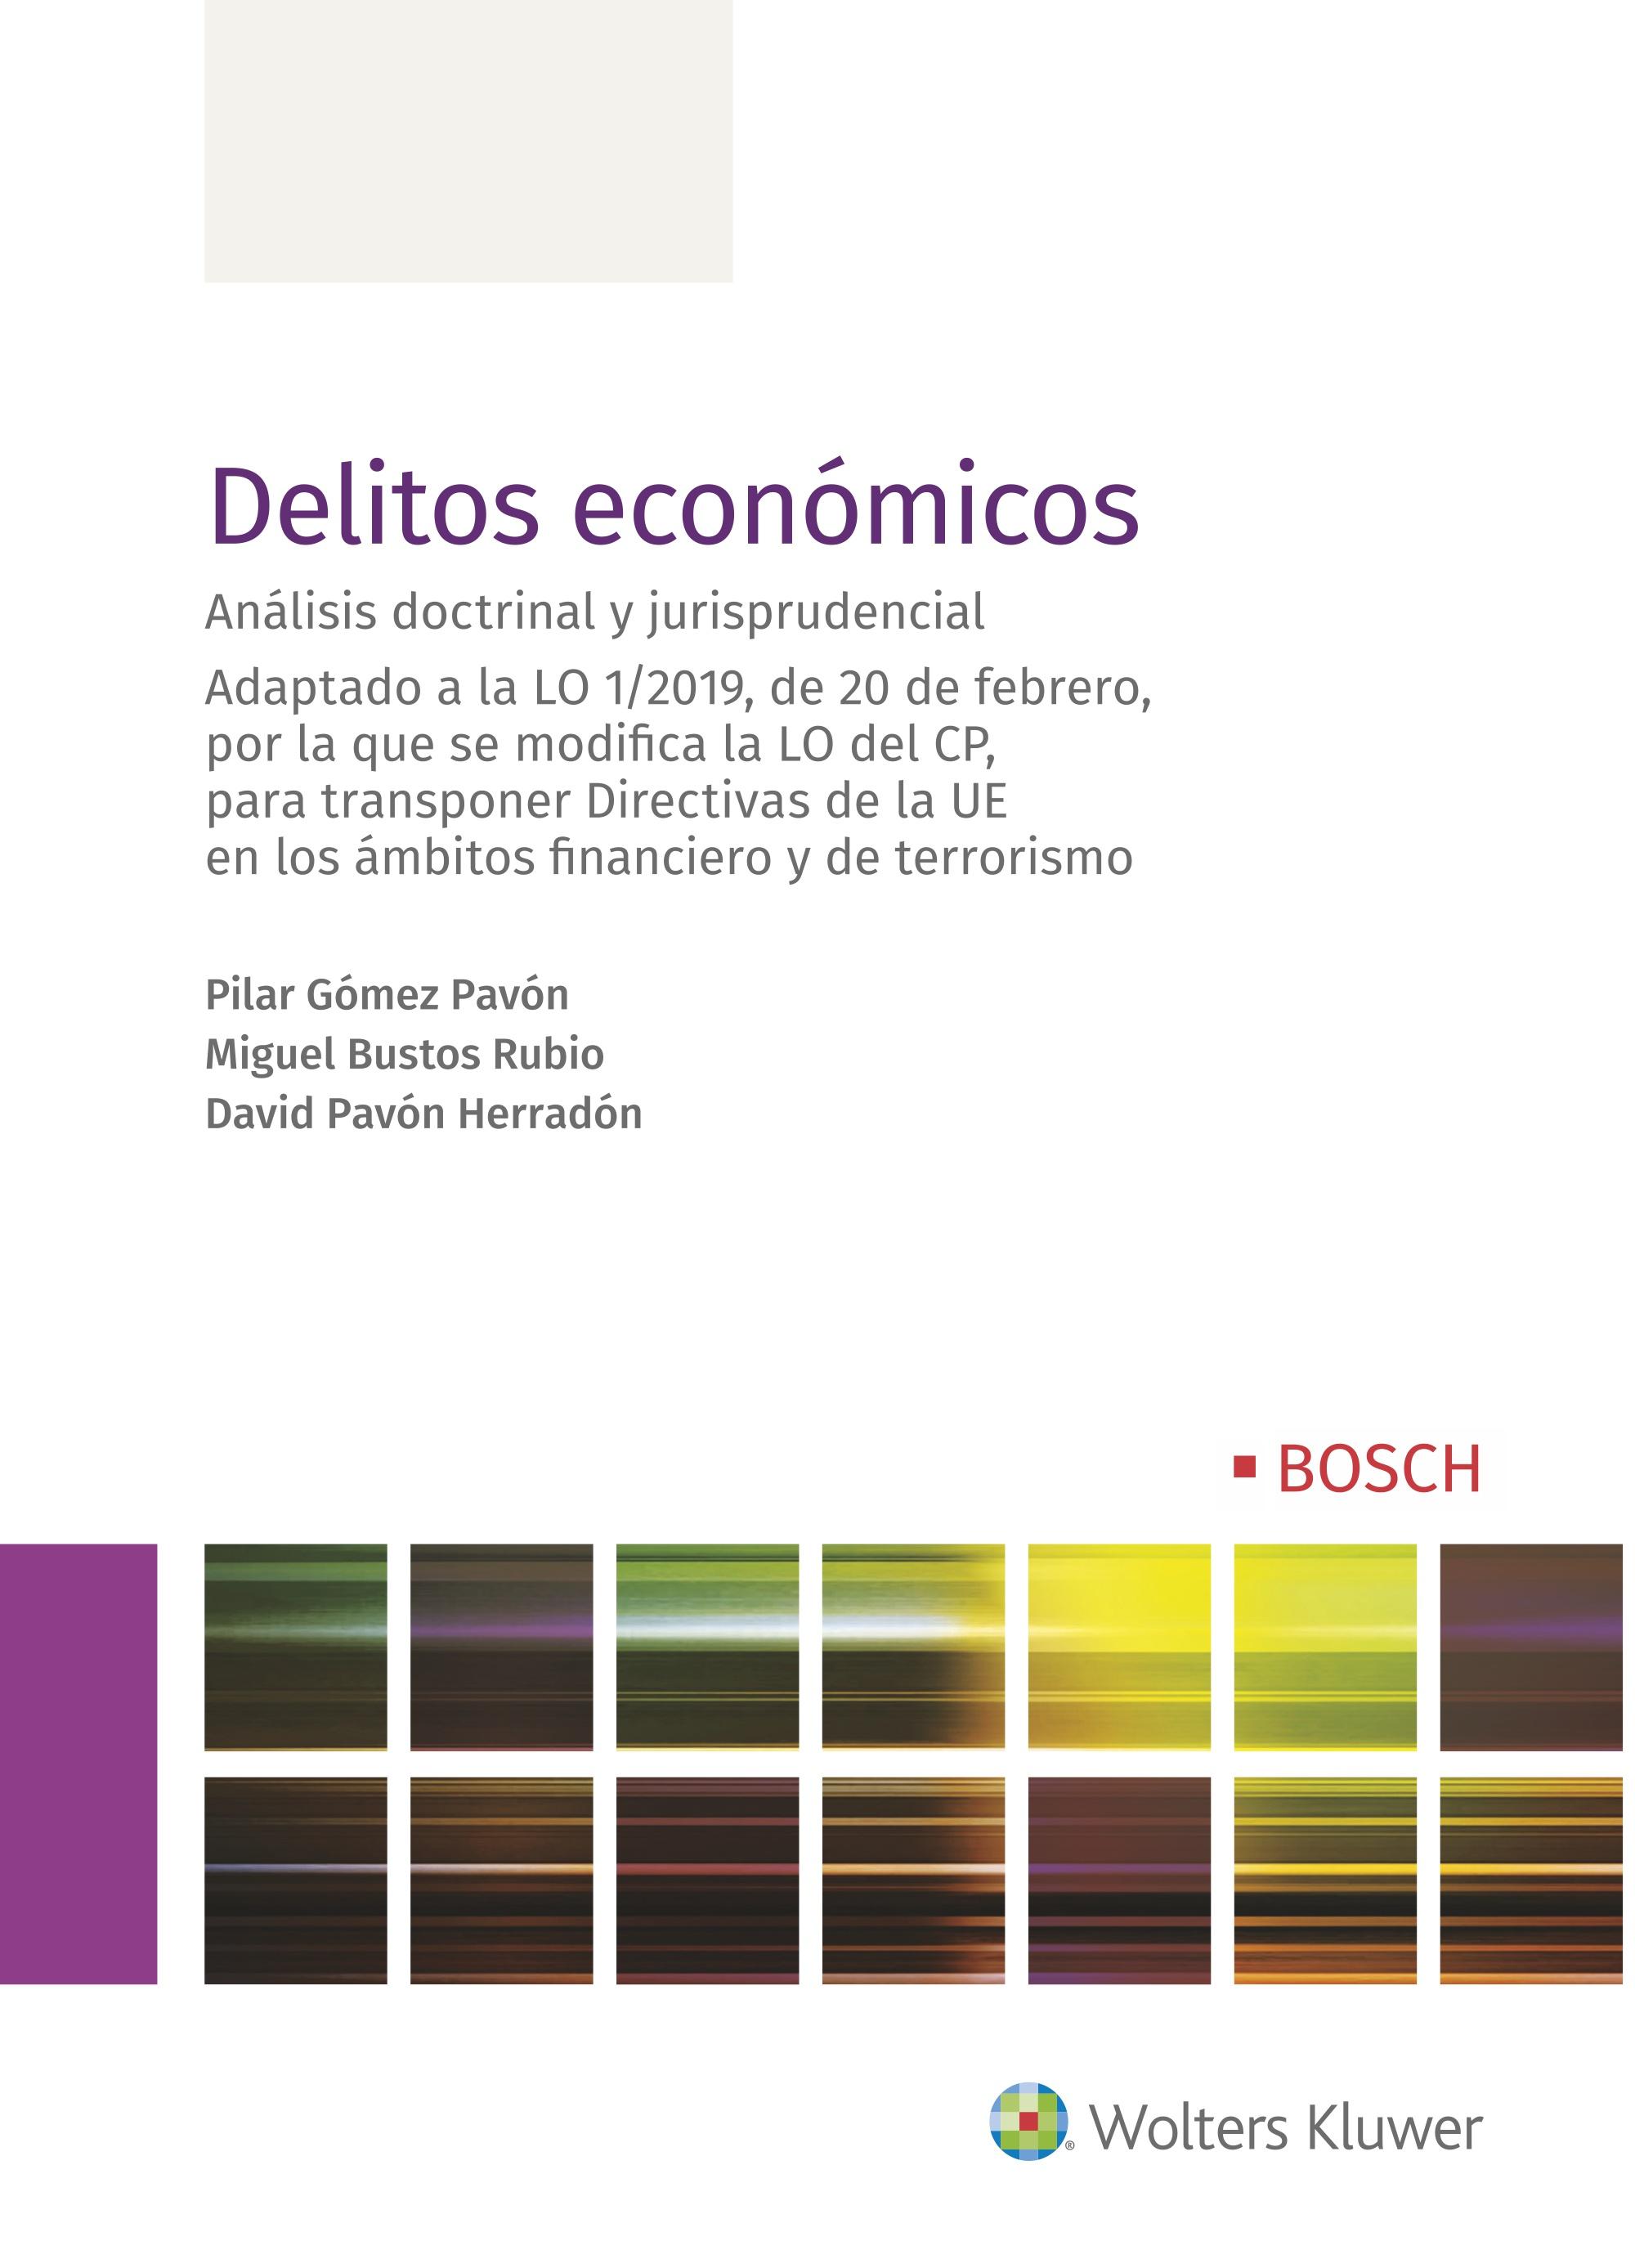 Delitos económicos   «Análisis doctrinal y jurisprudencial»